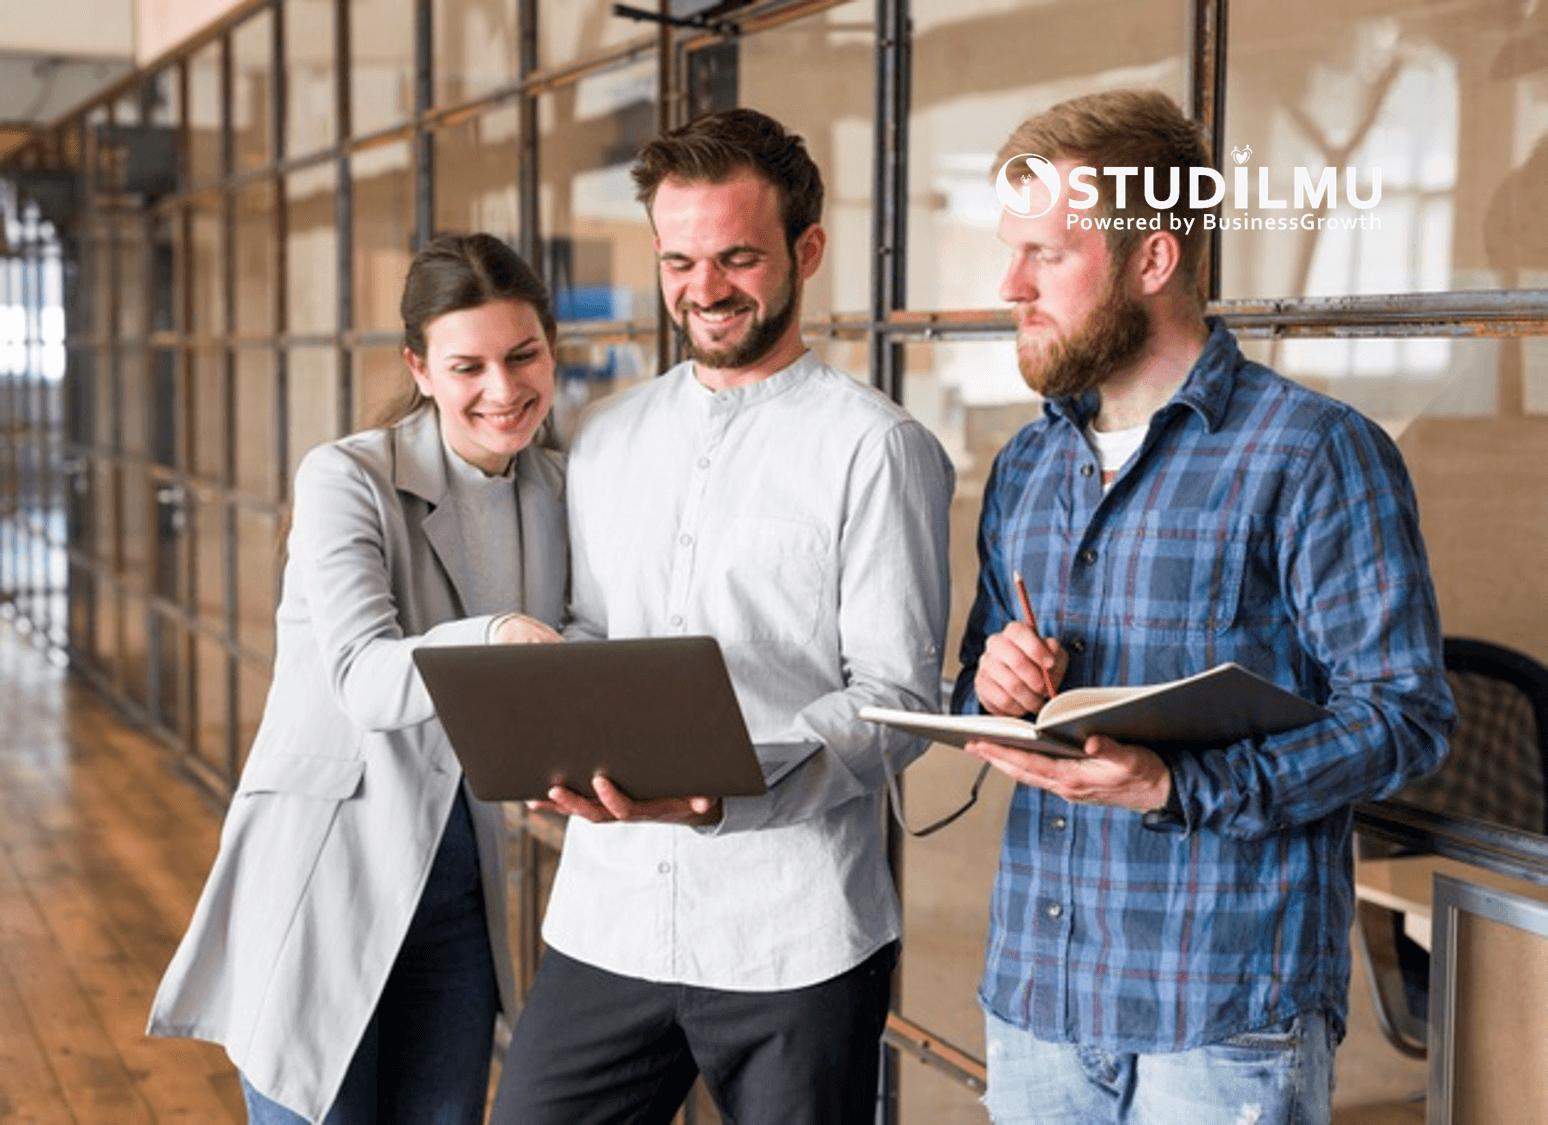 STUDILMU Career Advice - 7 Rahasia Menjadi Tangguh di Dunia Kerja